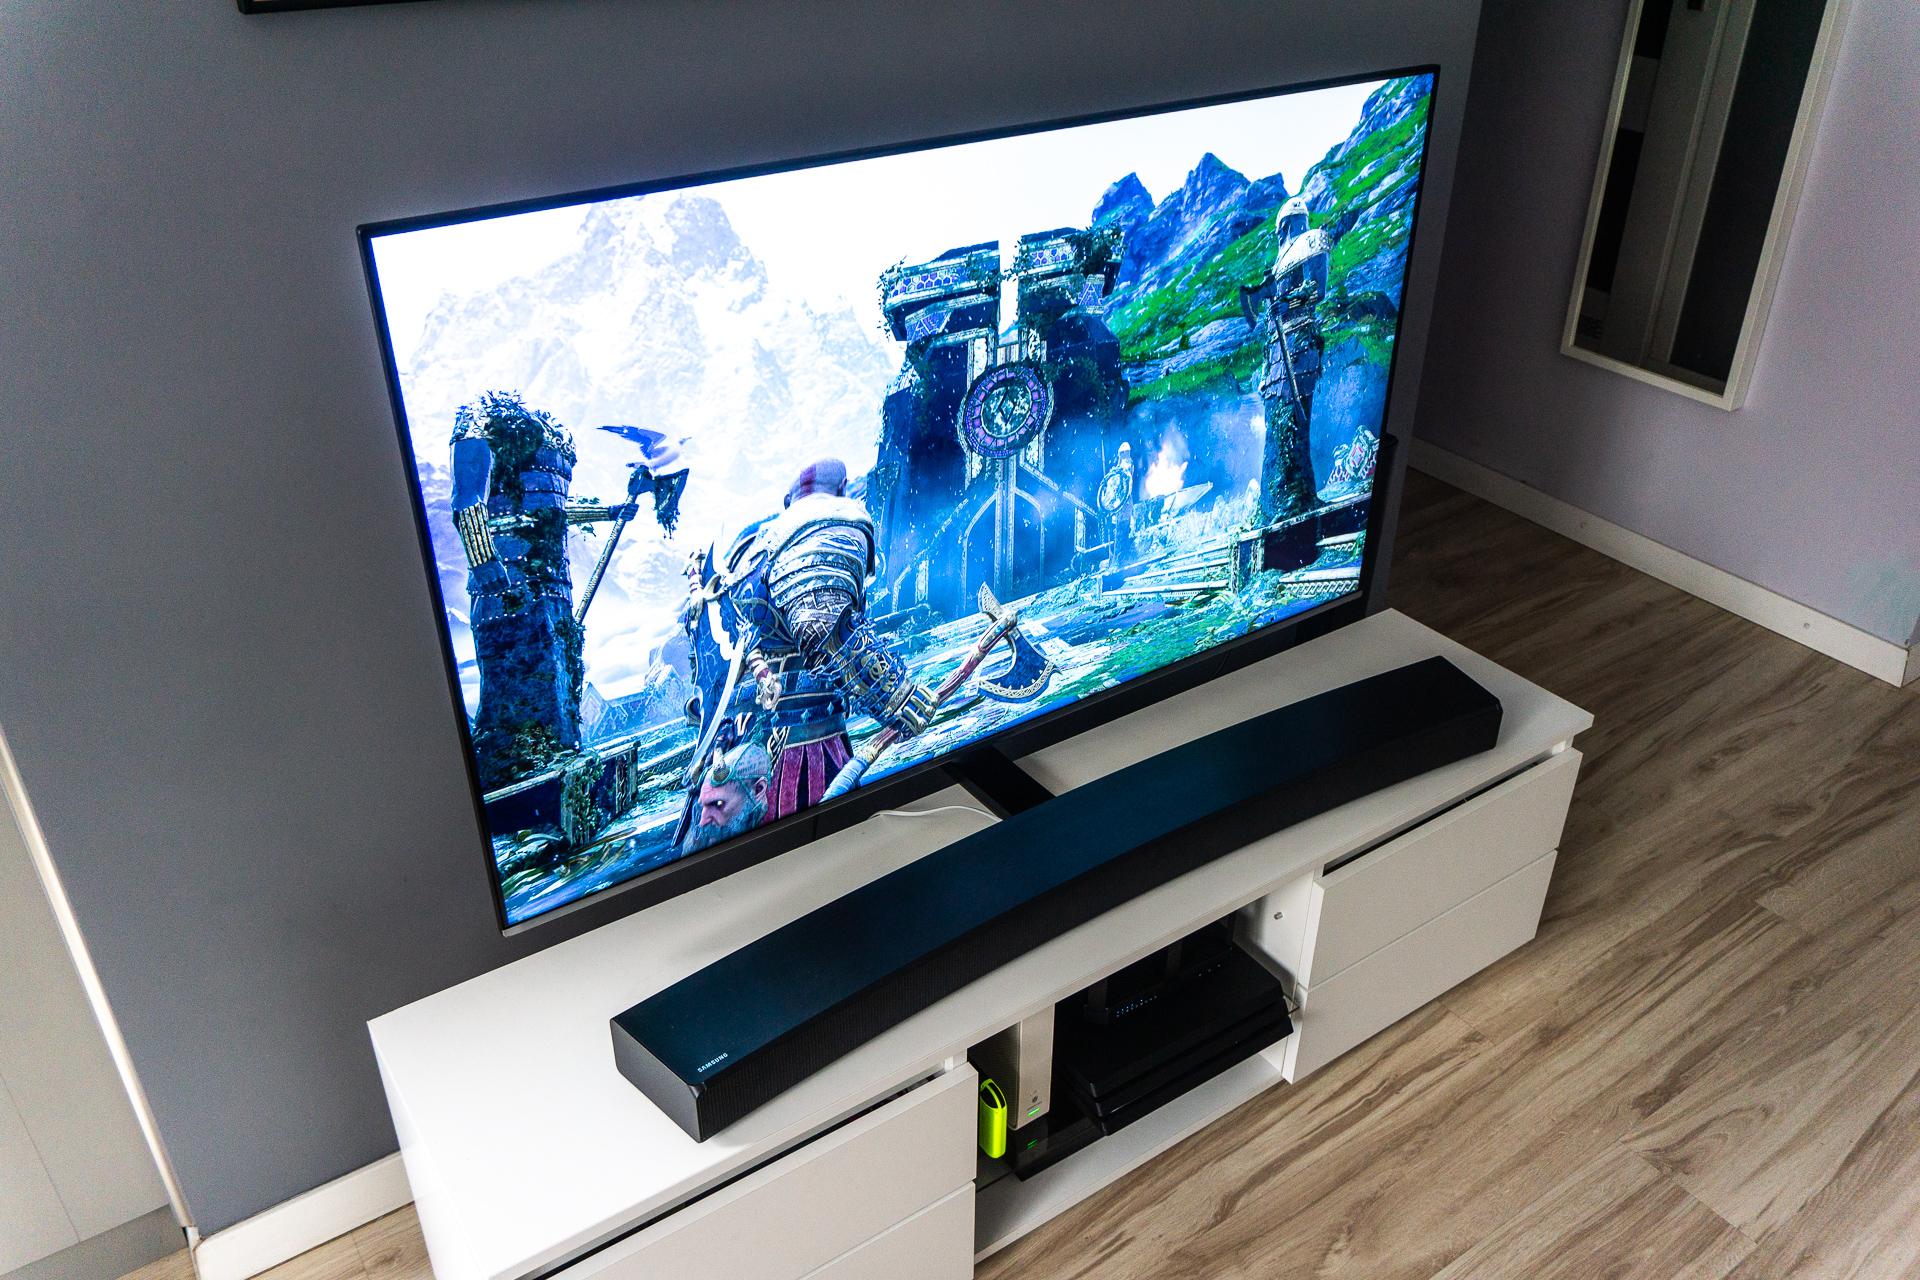 Sklep z aplikacjami dostępny w Samsung Premium UHD 2018 posiada szereg aplikacji przeznaczonych dla graczy – zar³wno do streamingu jak i wypożyczania gier